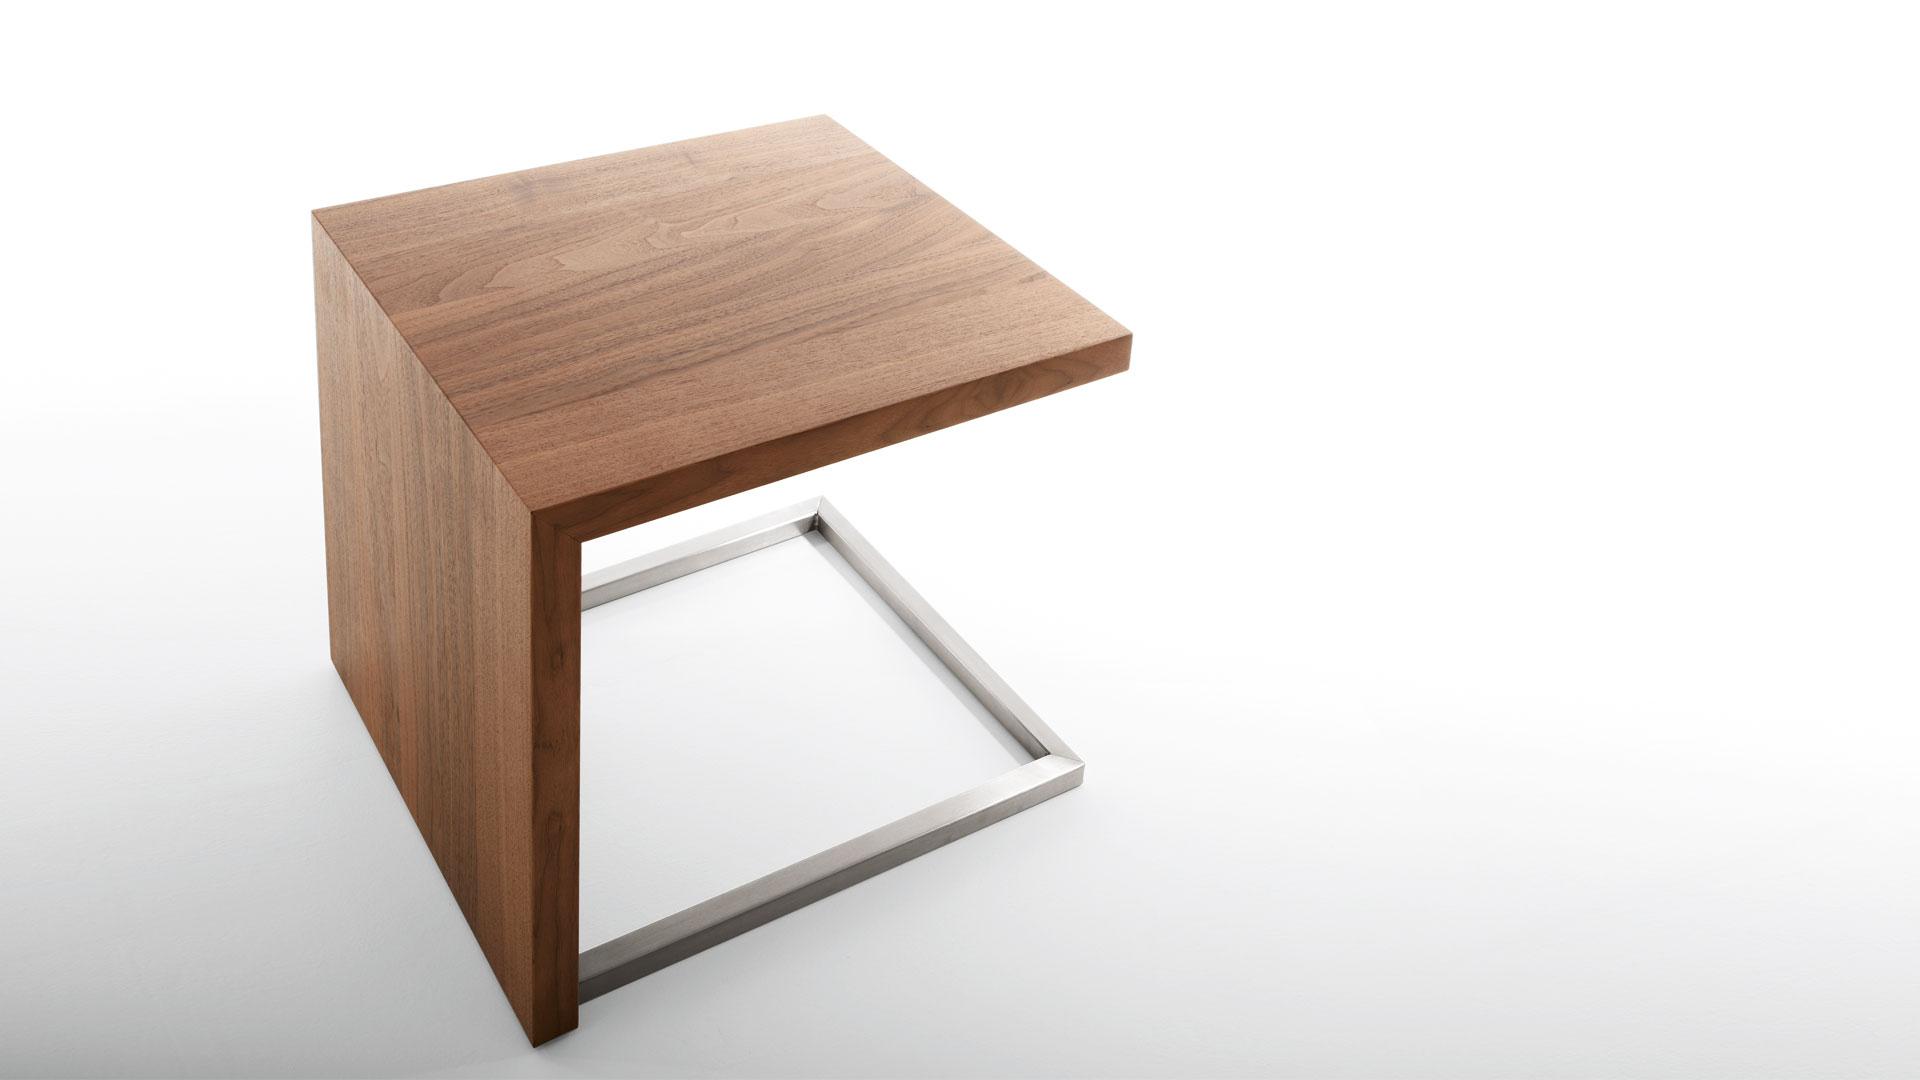 Koinor Couch Beistelltisch Task Beistelltische Tische